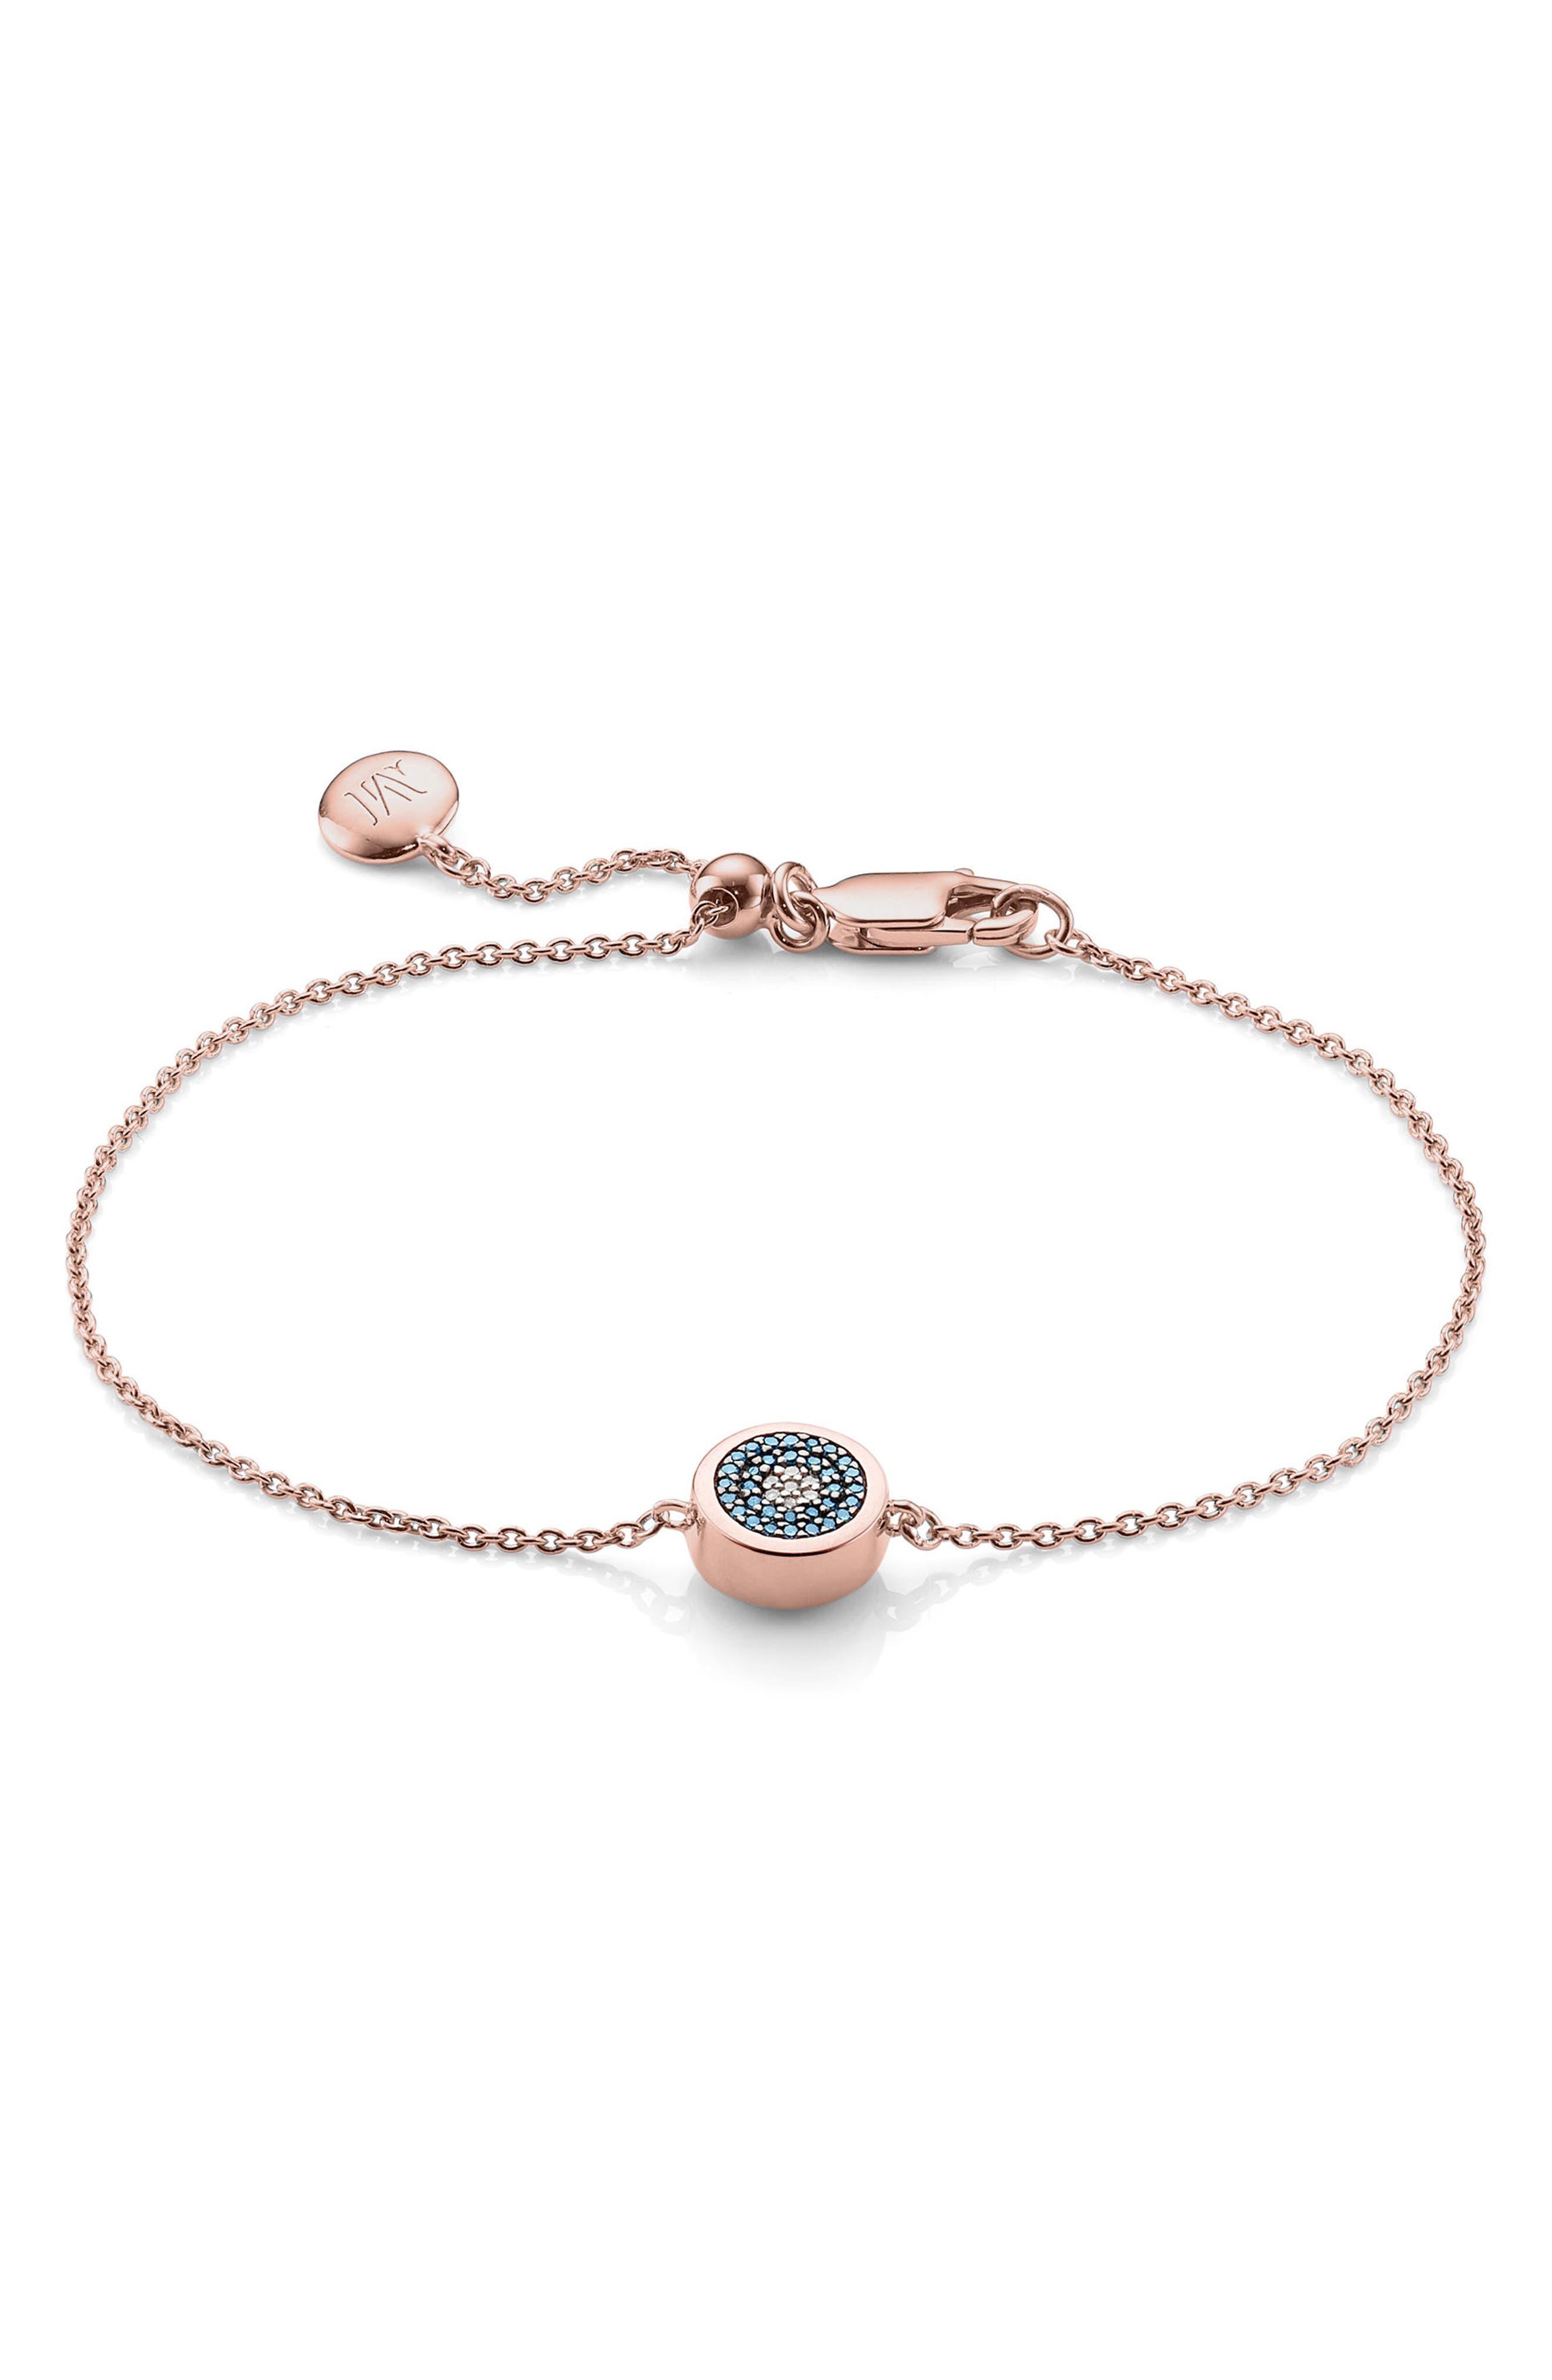 Evil Eye Bracelet,                             Main thumbnail 1, color,                             ROSE GOLD/ STAINLESS STEEL